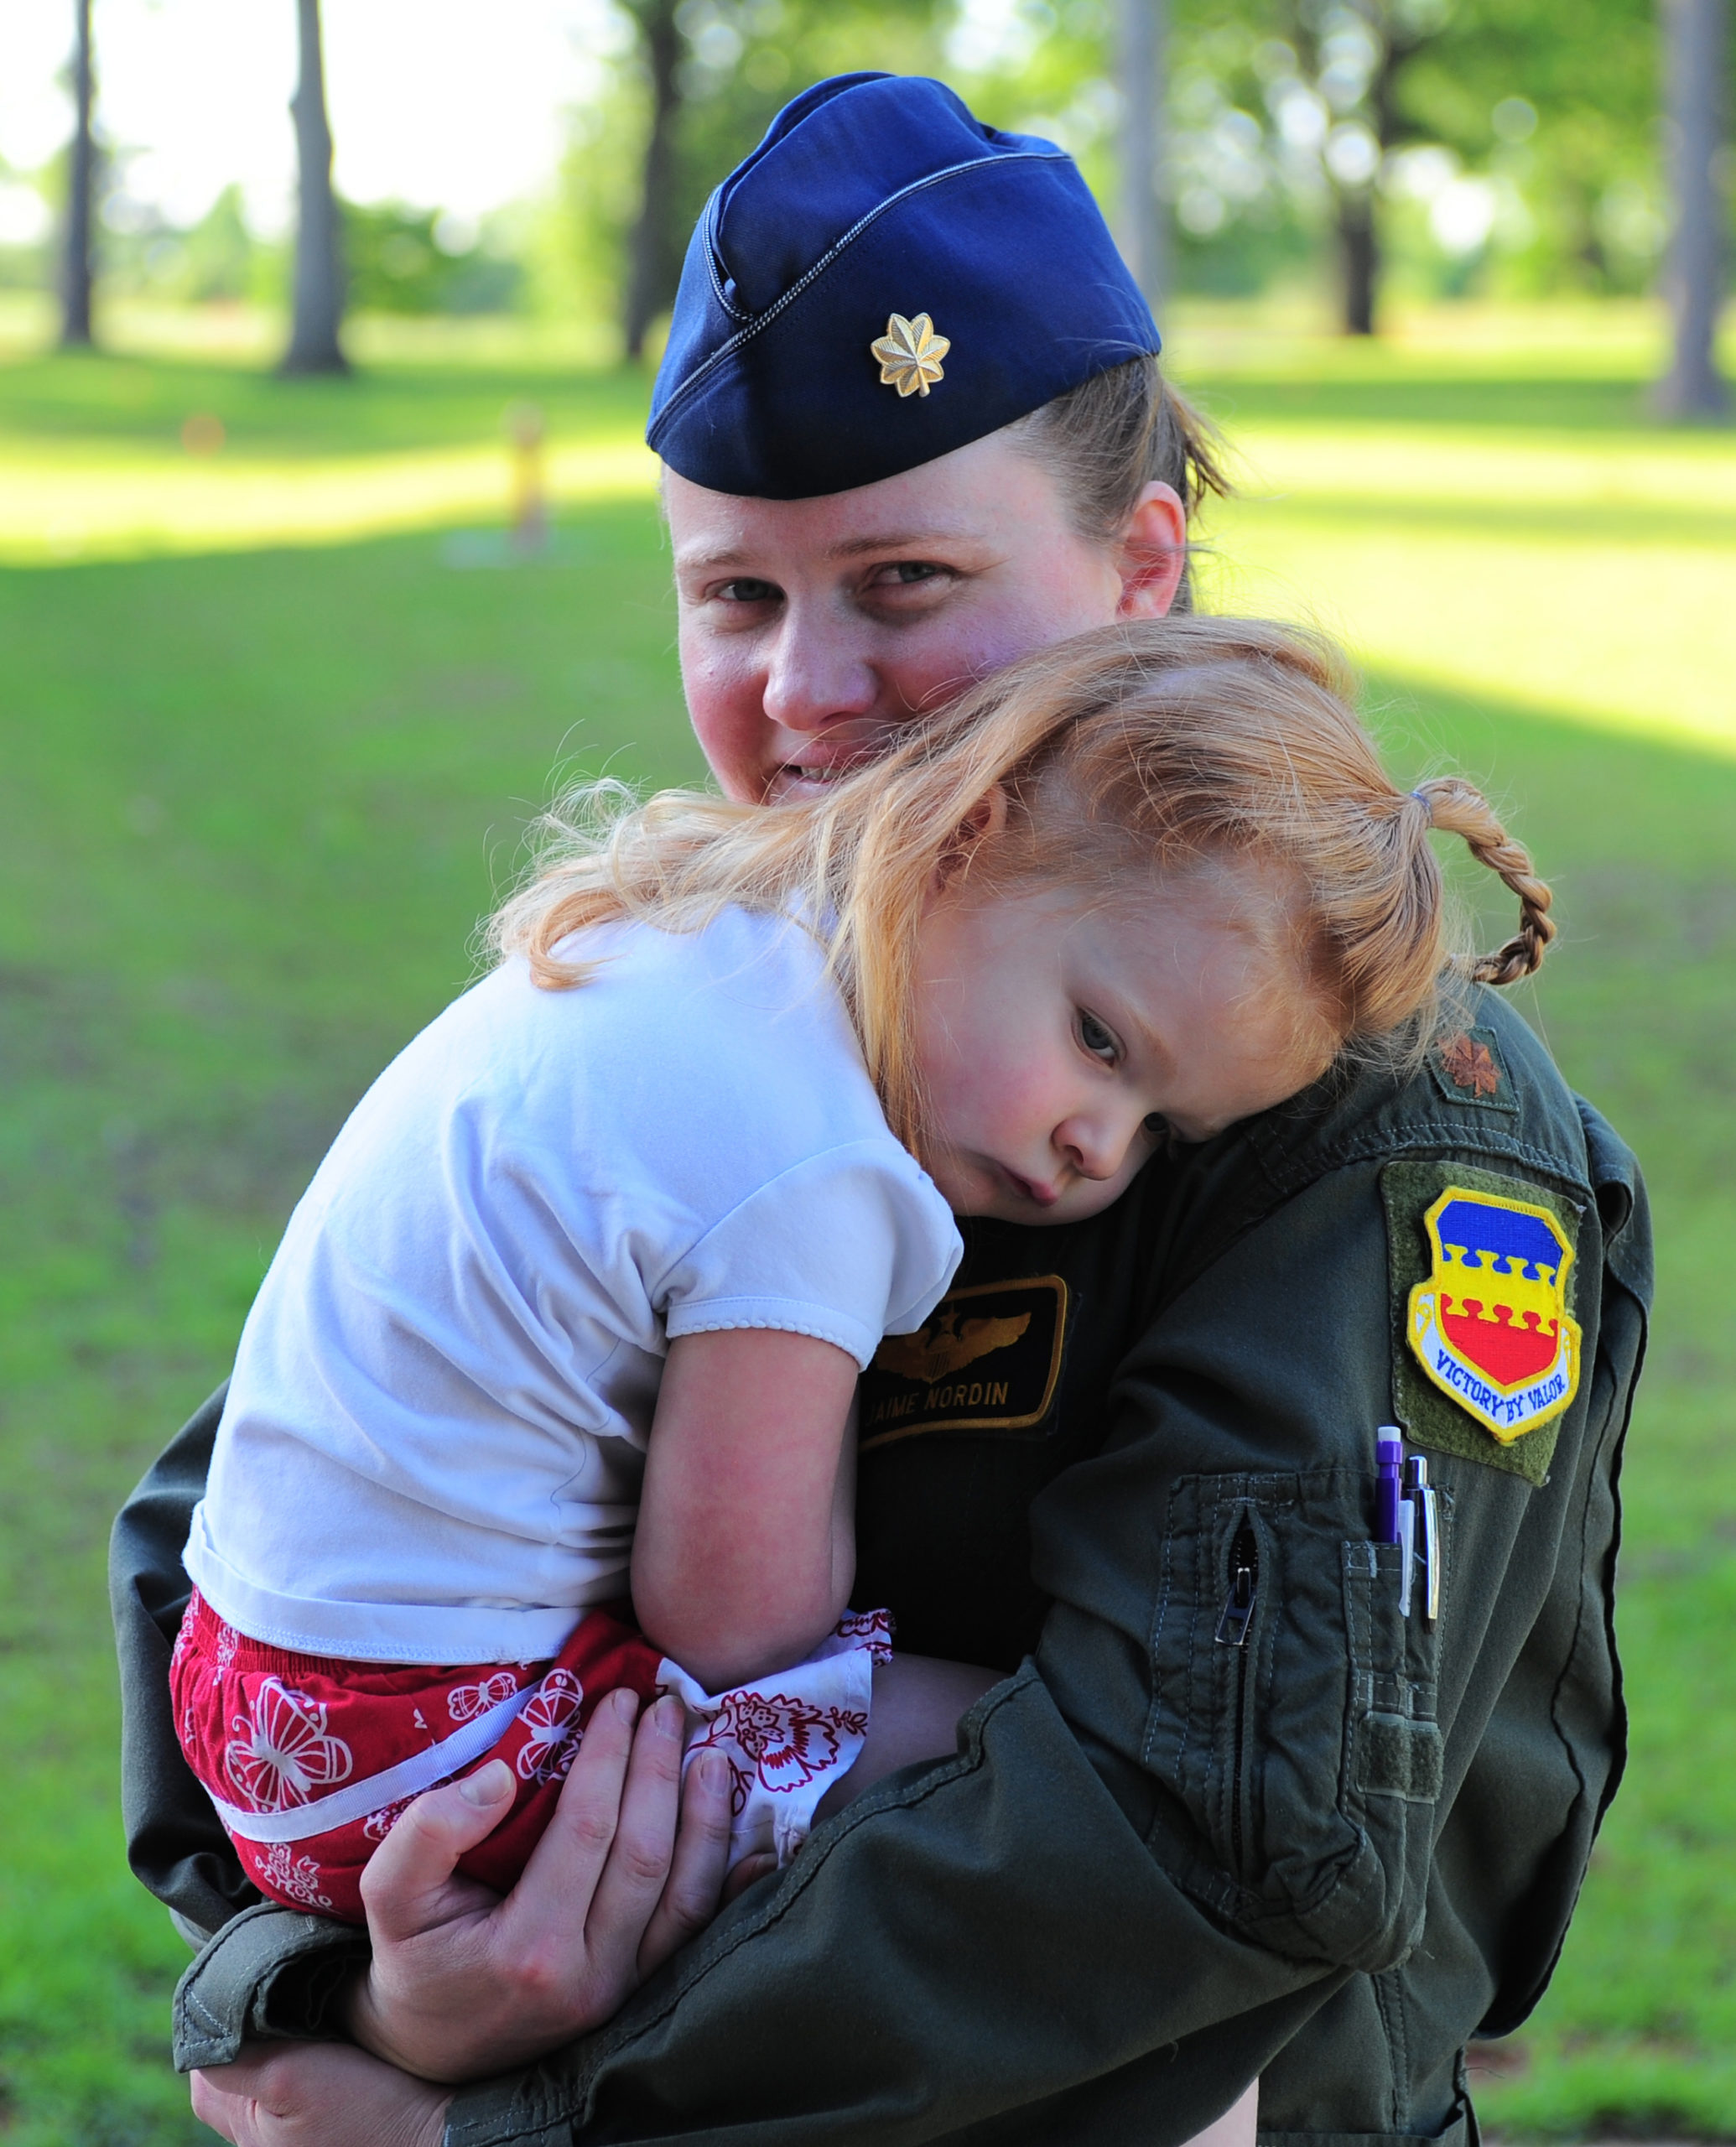 maman militaire, famille de militaire